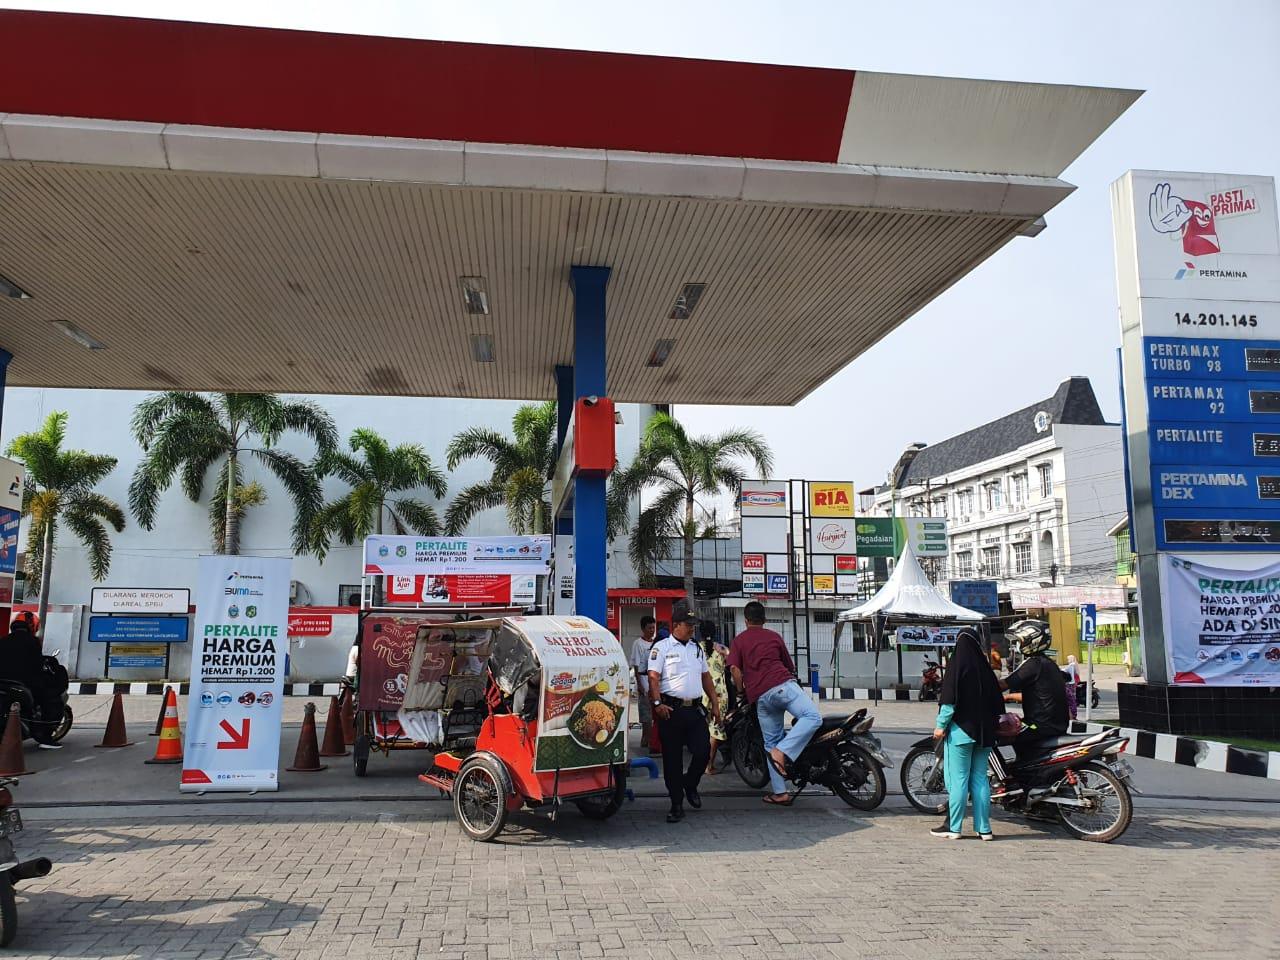 Melalui PLB, Dua SPBU di Medan Sediakan Pertalite Seharga Premium